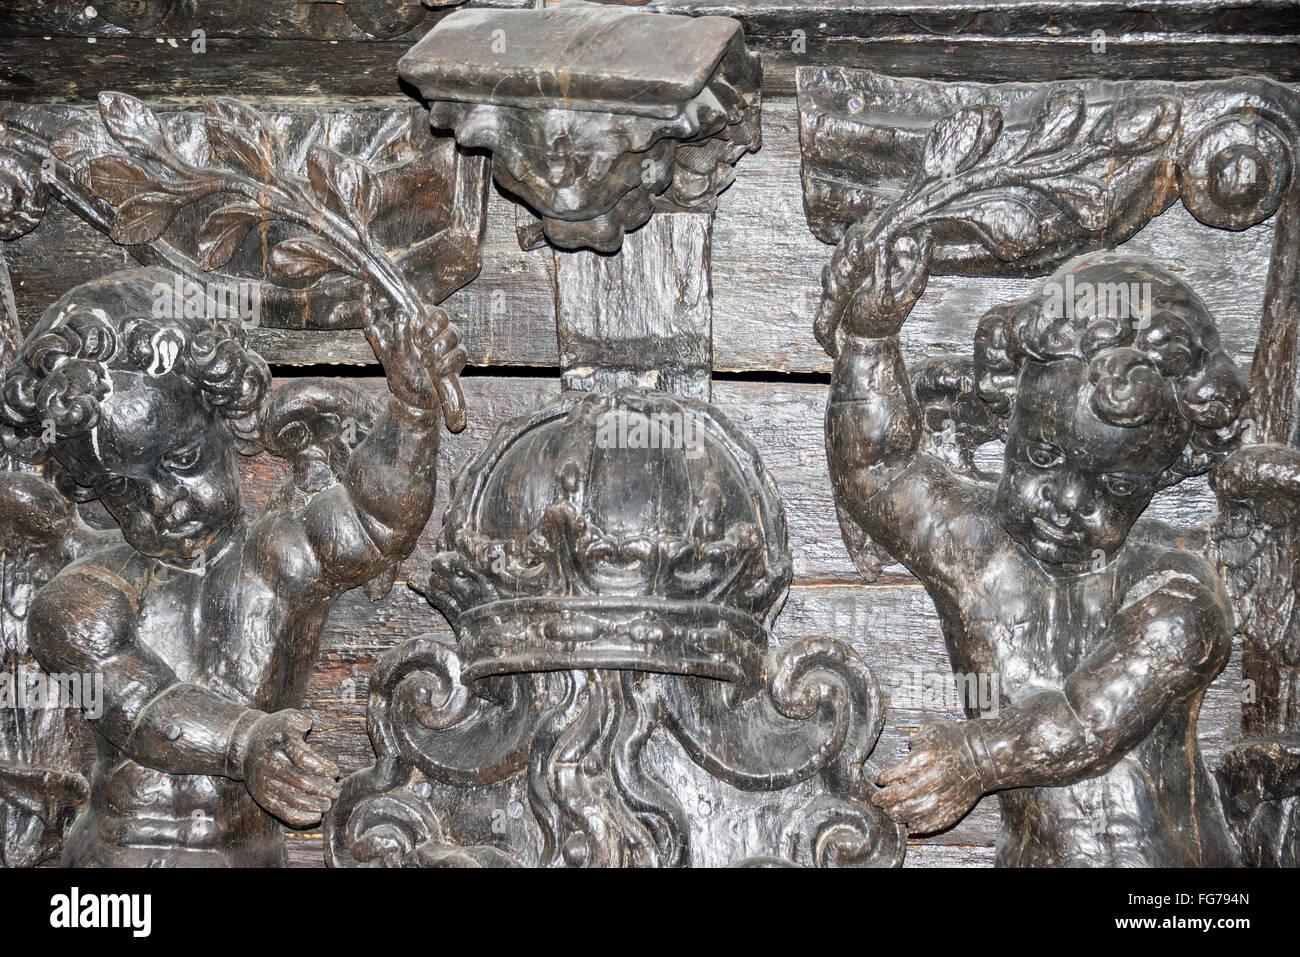 Stern panel of 17th-century 'Vasa' warship, Vasa Museum, Galärvarvsvägen, Djurgården, Stockholm, - Stock Image